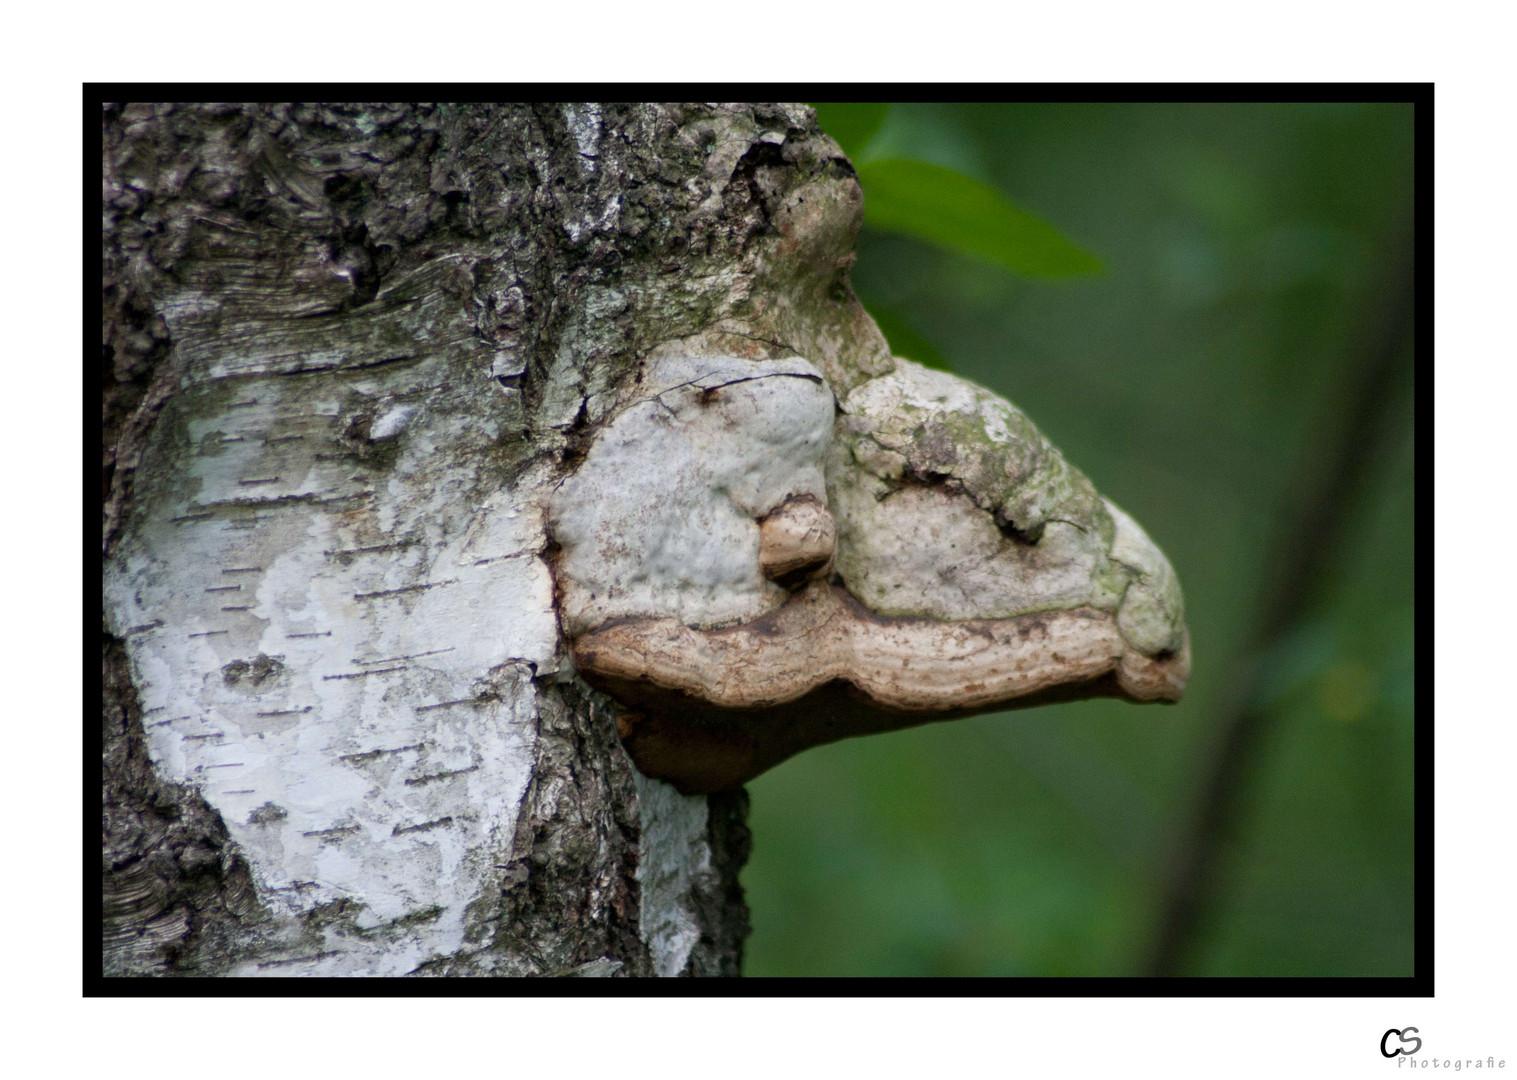 Baumpilz - oder doch ein verstecktes Wesen???